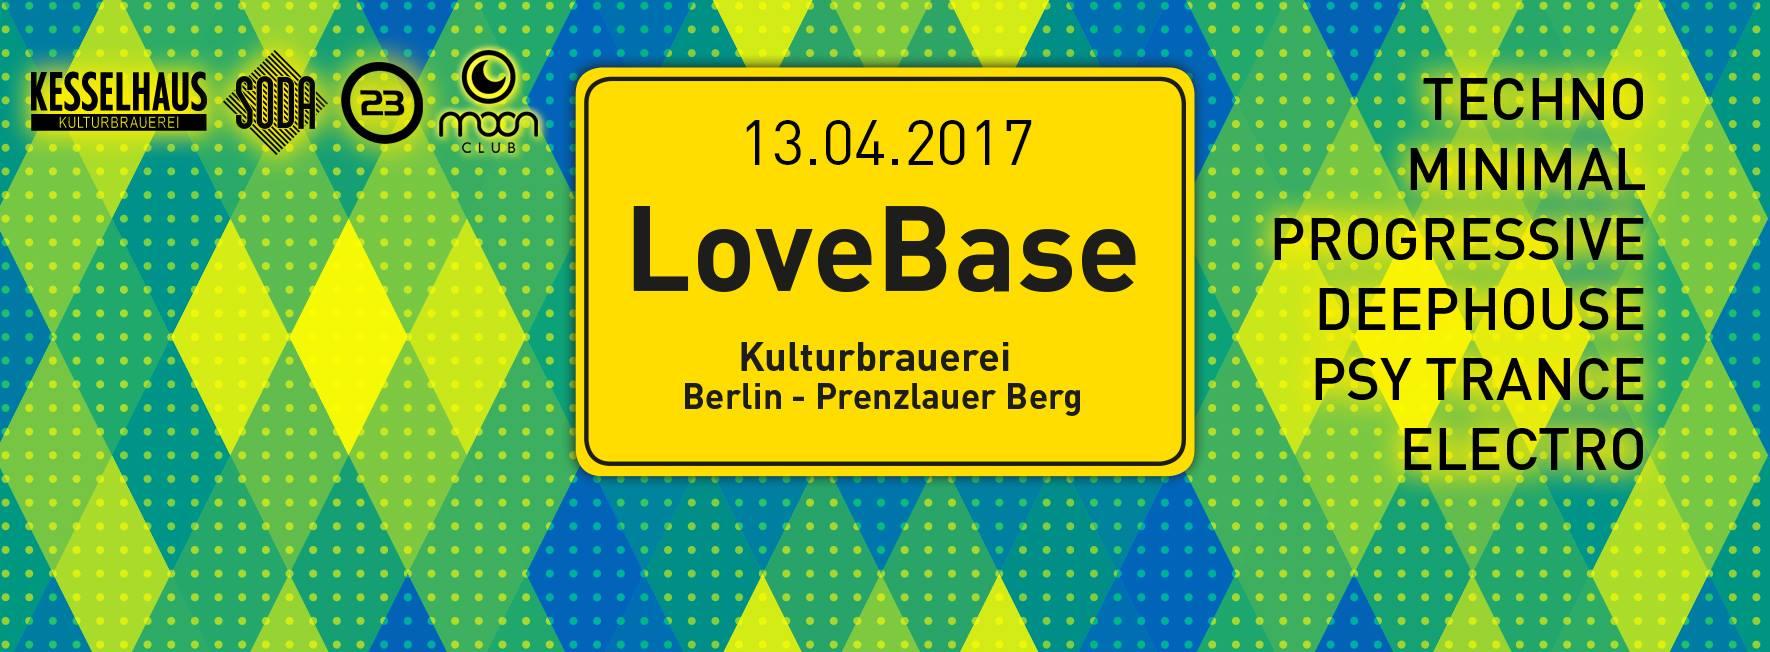 Marcel db & Till Krimsen @LoveBase